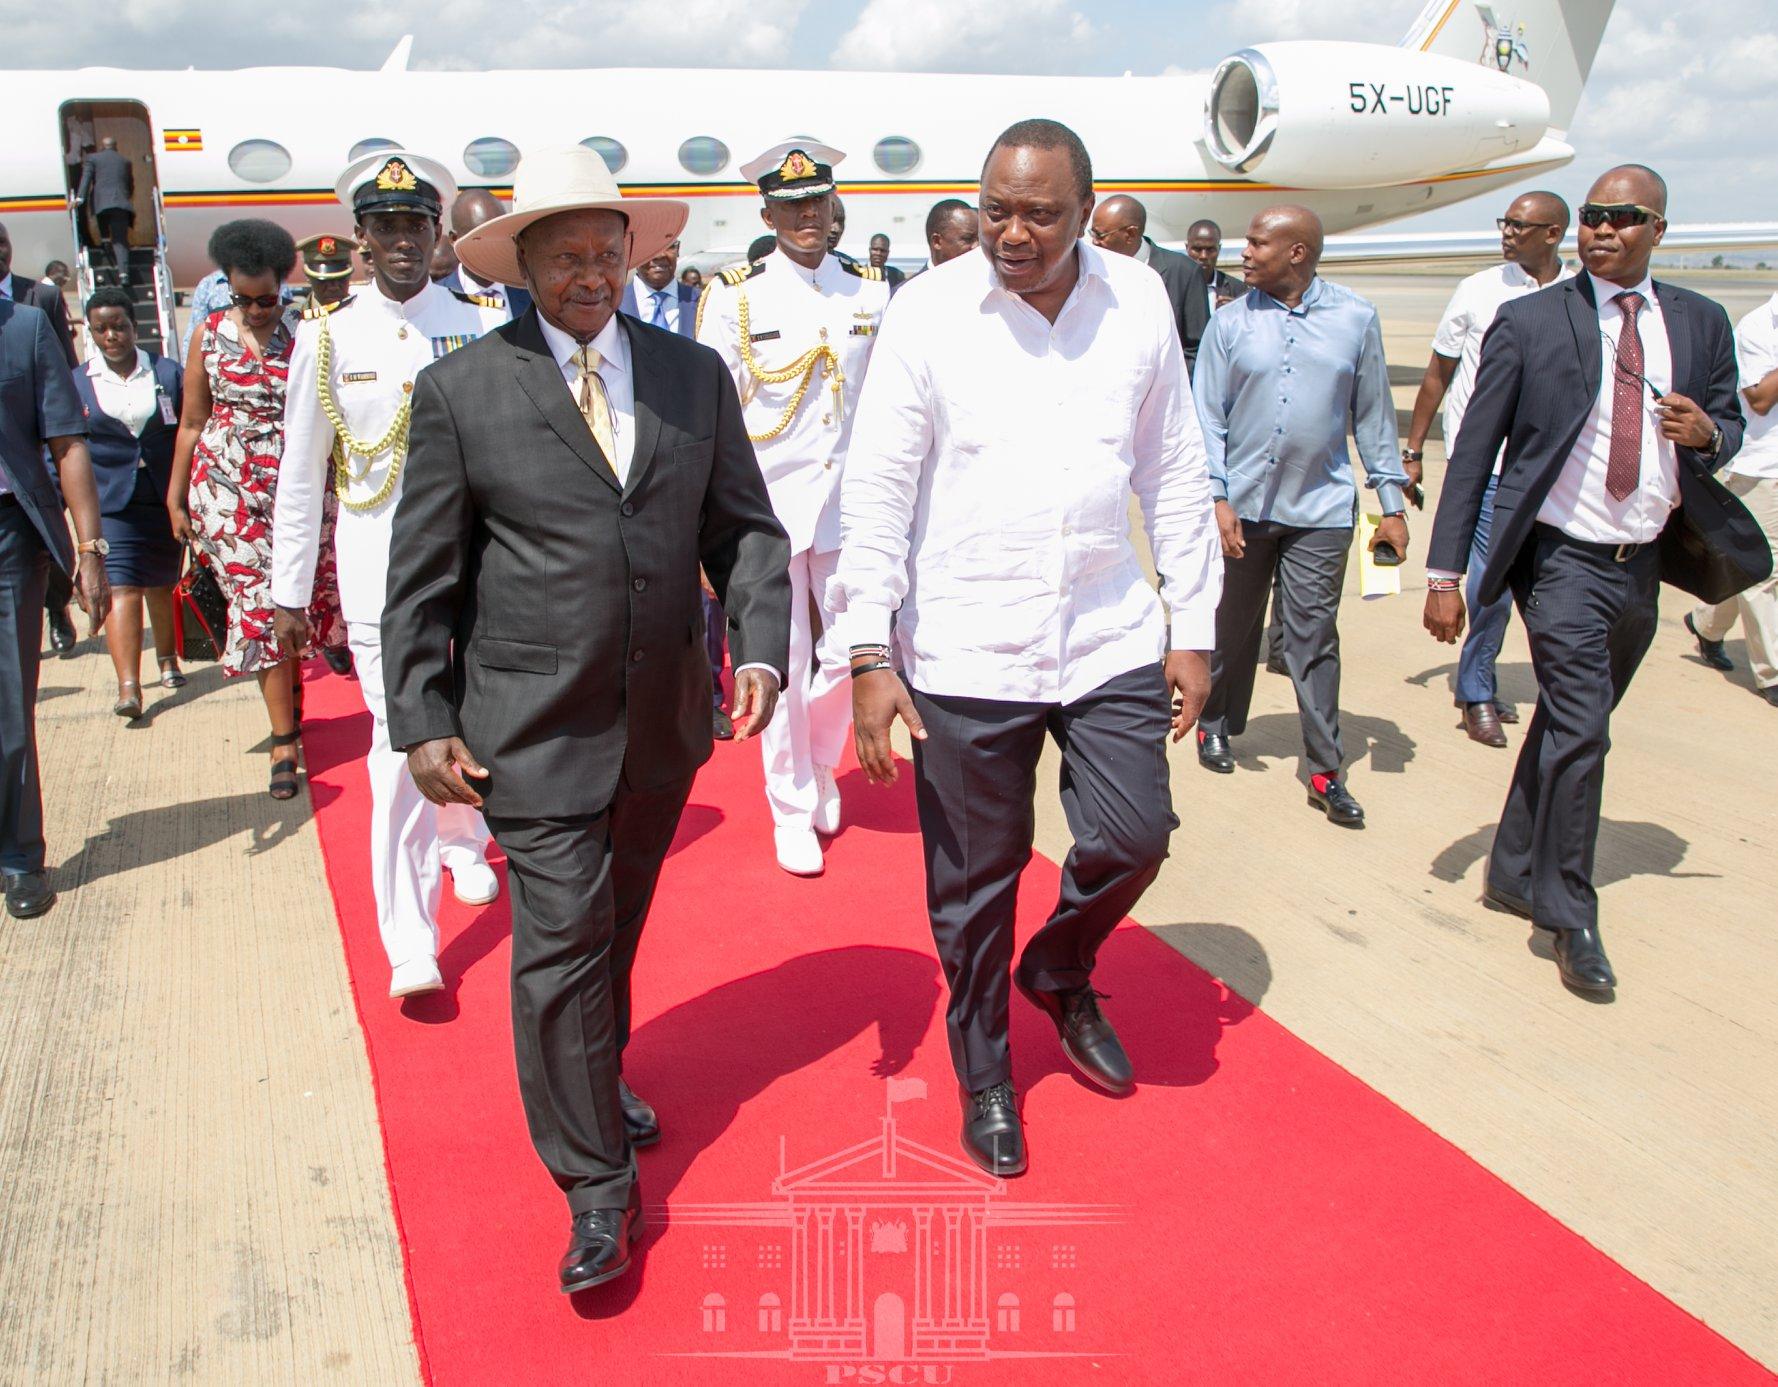 Kenya Oo Dhul Siisay Uganda